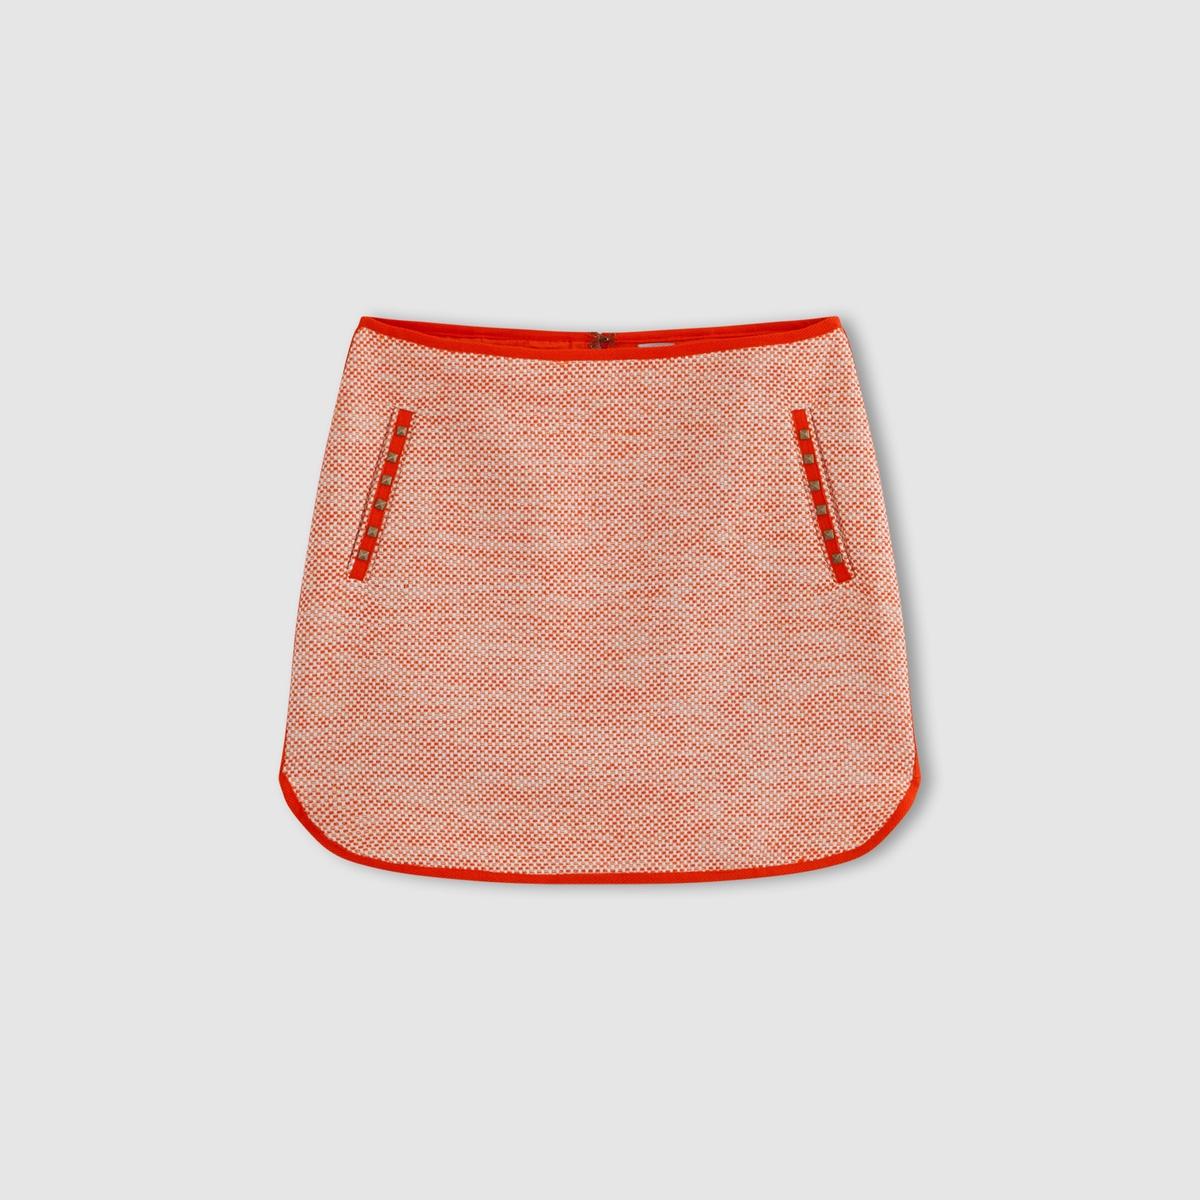 Юбка короткаяКороткая юбка JUBILE от KARL MARC JOHN. Контрастная строчка. 2 кармана спереди.Состав и деталиМатериал: 65% хлопка, 25% акрила, 10% полиэстераМарка: KARL MARC JOHN<br><br>Цвет: красный<br>Размер: M